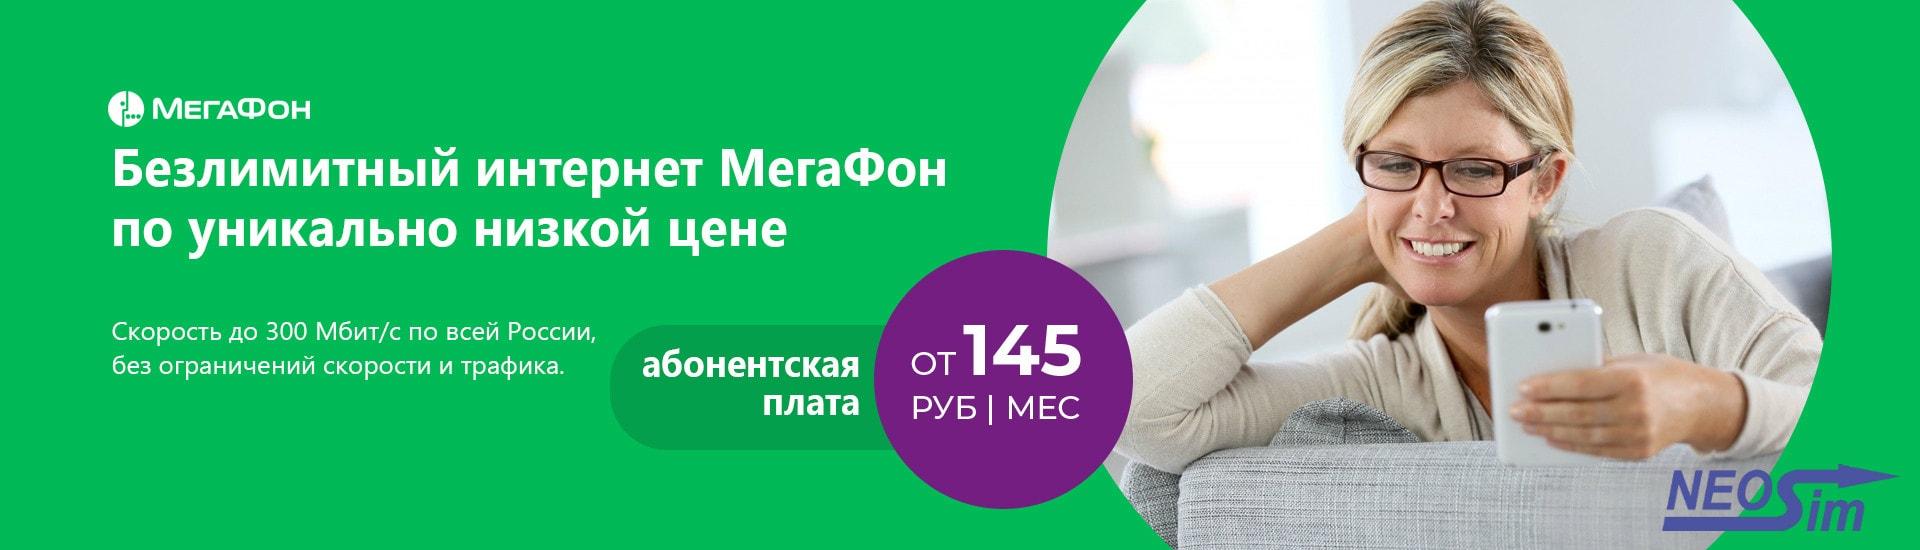 Уникальные тарифы от Мегафон, абонентская плата от 145 рублей в месяц